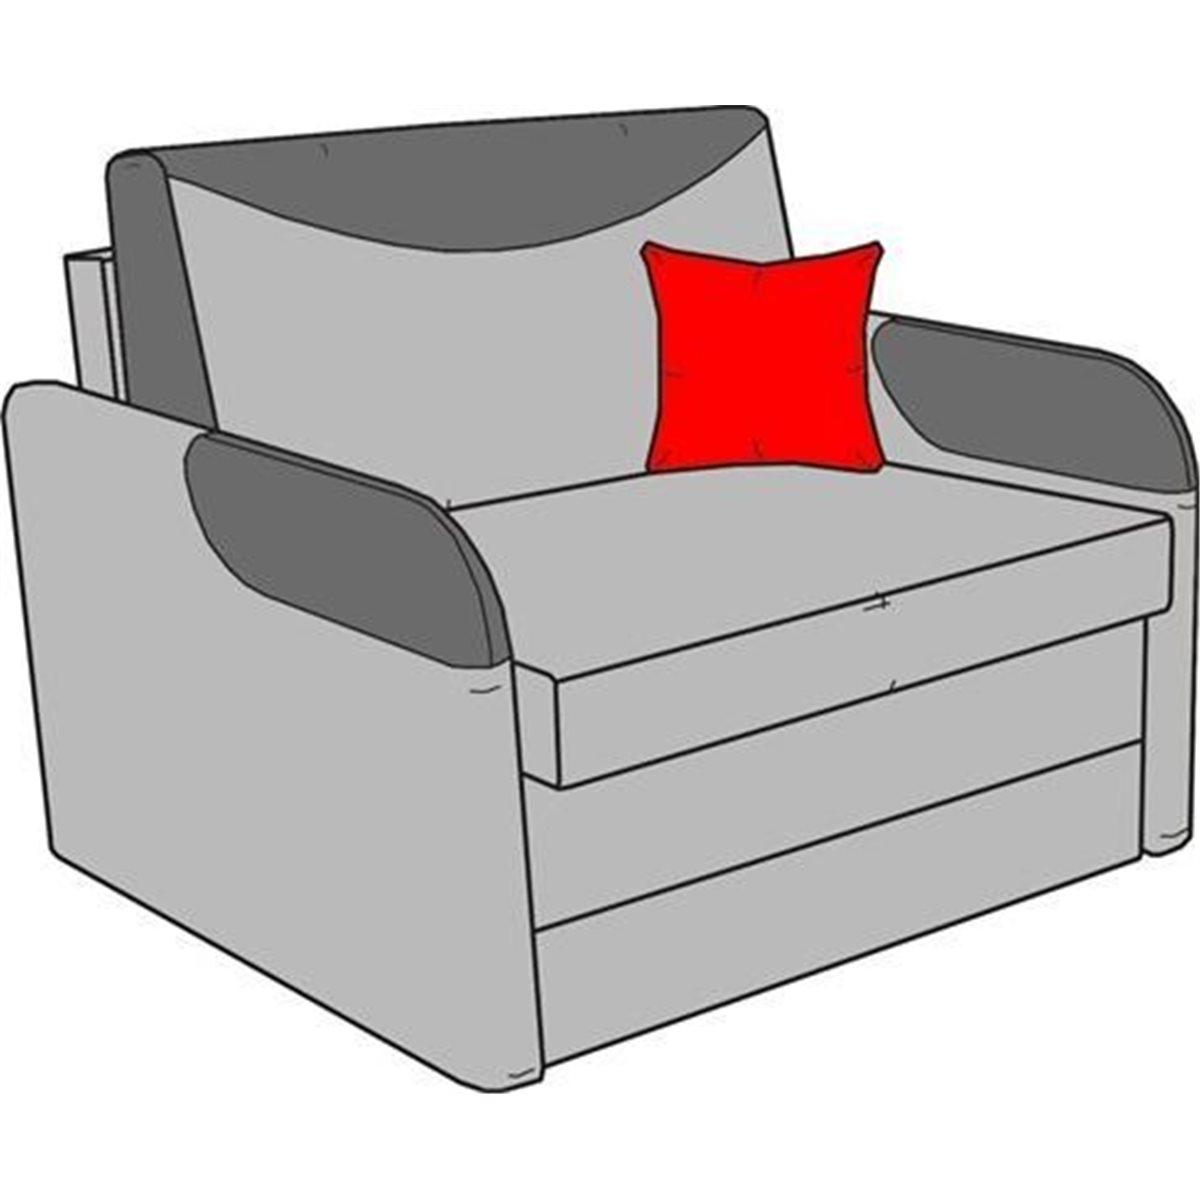 Wizualizacja - JERRY 80 FOTEL ROZKŁADANY Z POJEMNIKIEM